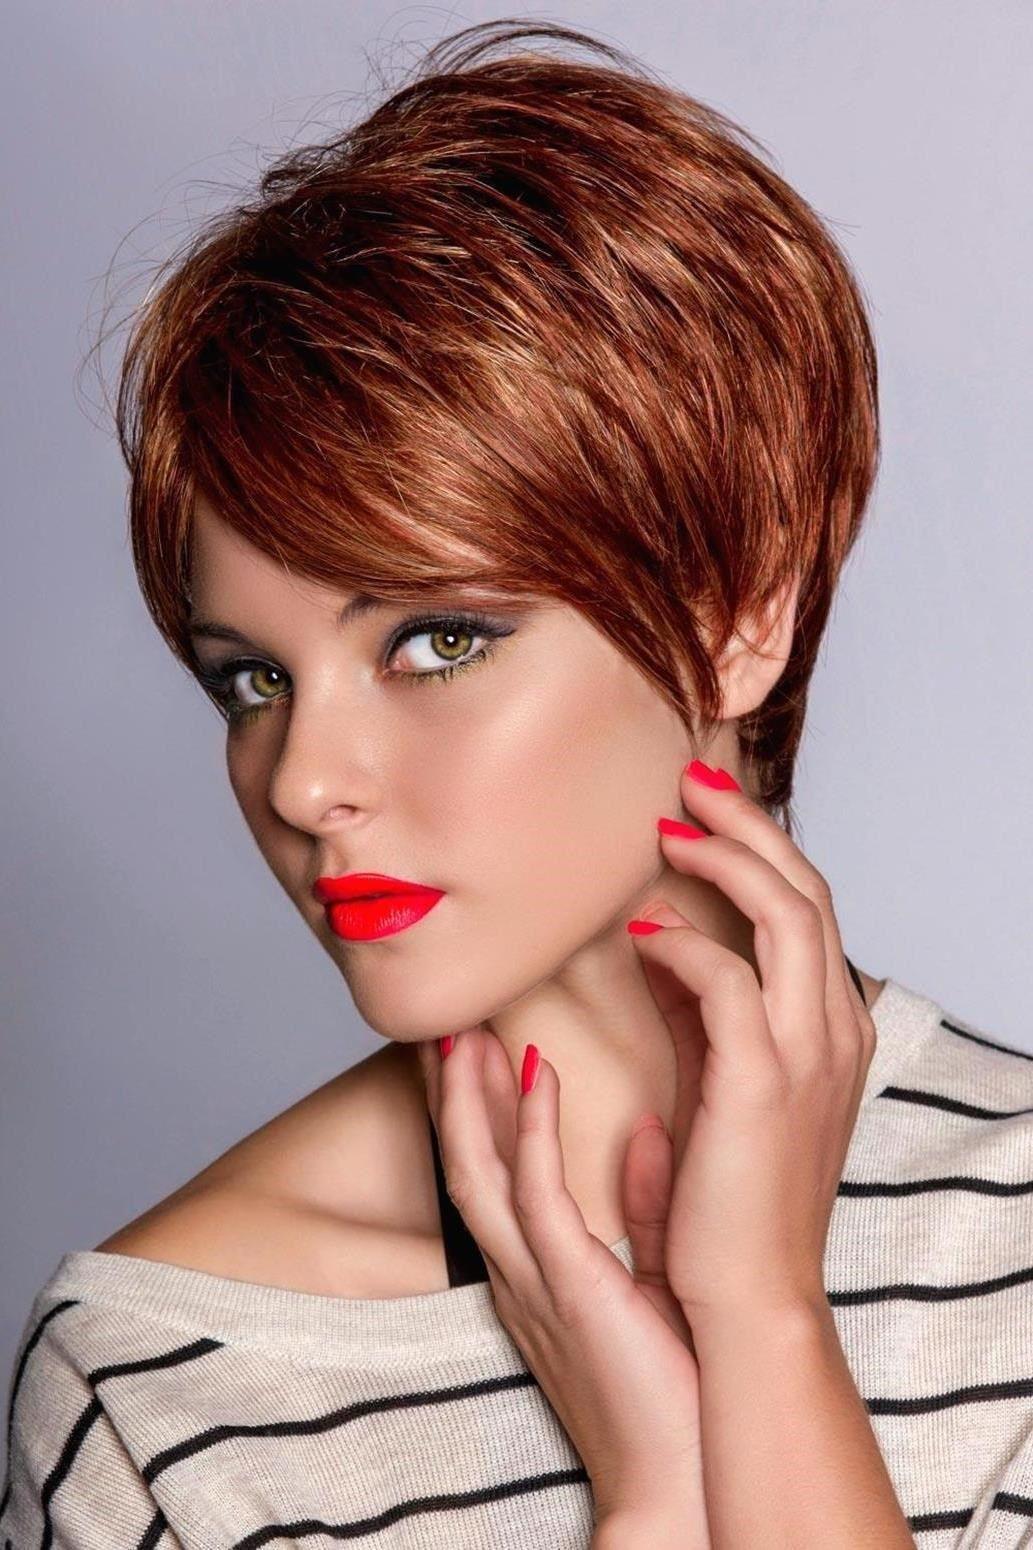 A2a1f3977f1f10de5127ea7006aa0304 1g 10331550 Pixels Haircuts